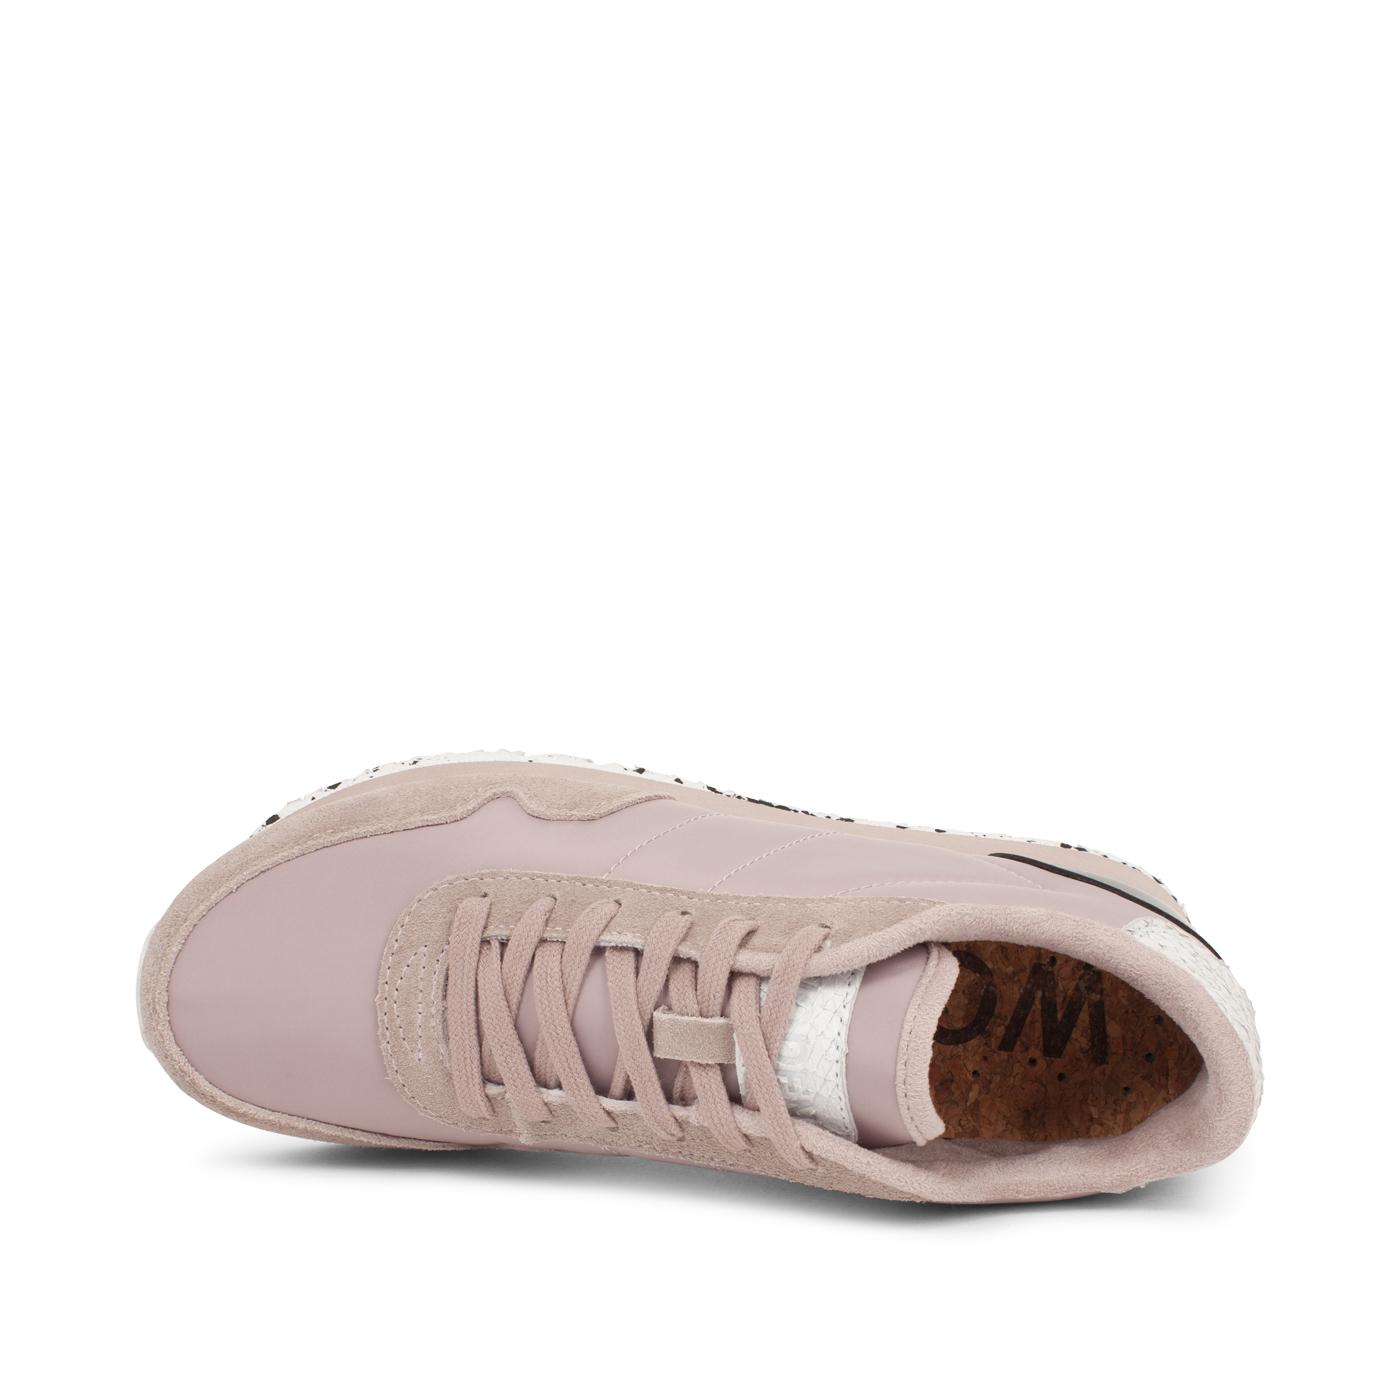 Woden WL163 Sneakers, Bark, 36